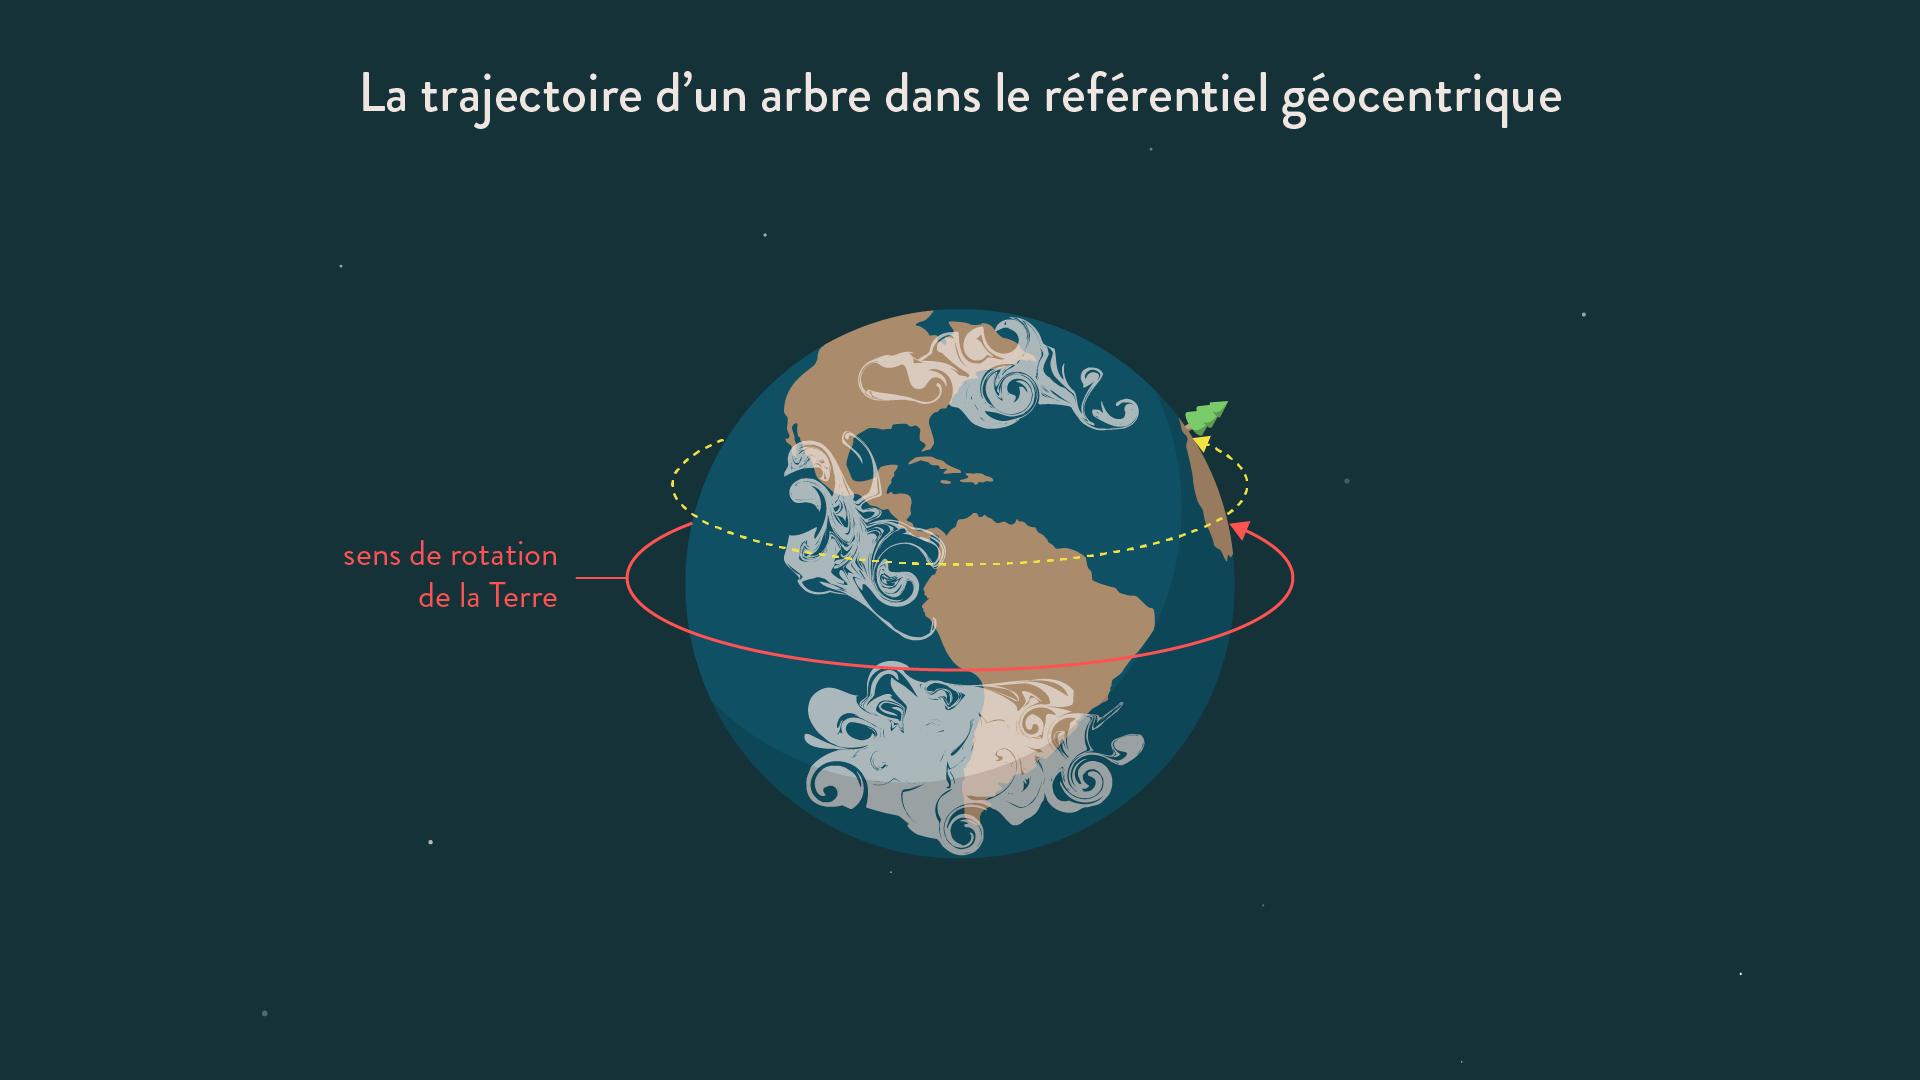 La trajectoire d'un arbre dans le référentiel géocentrique